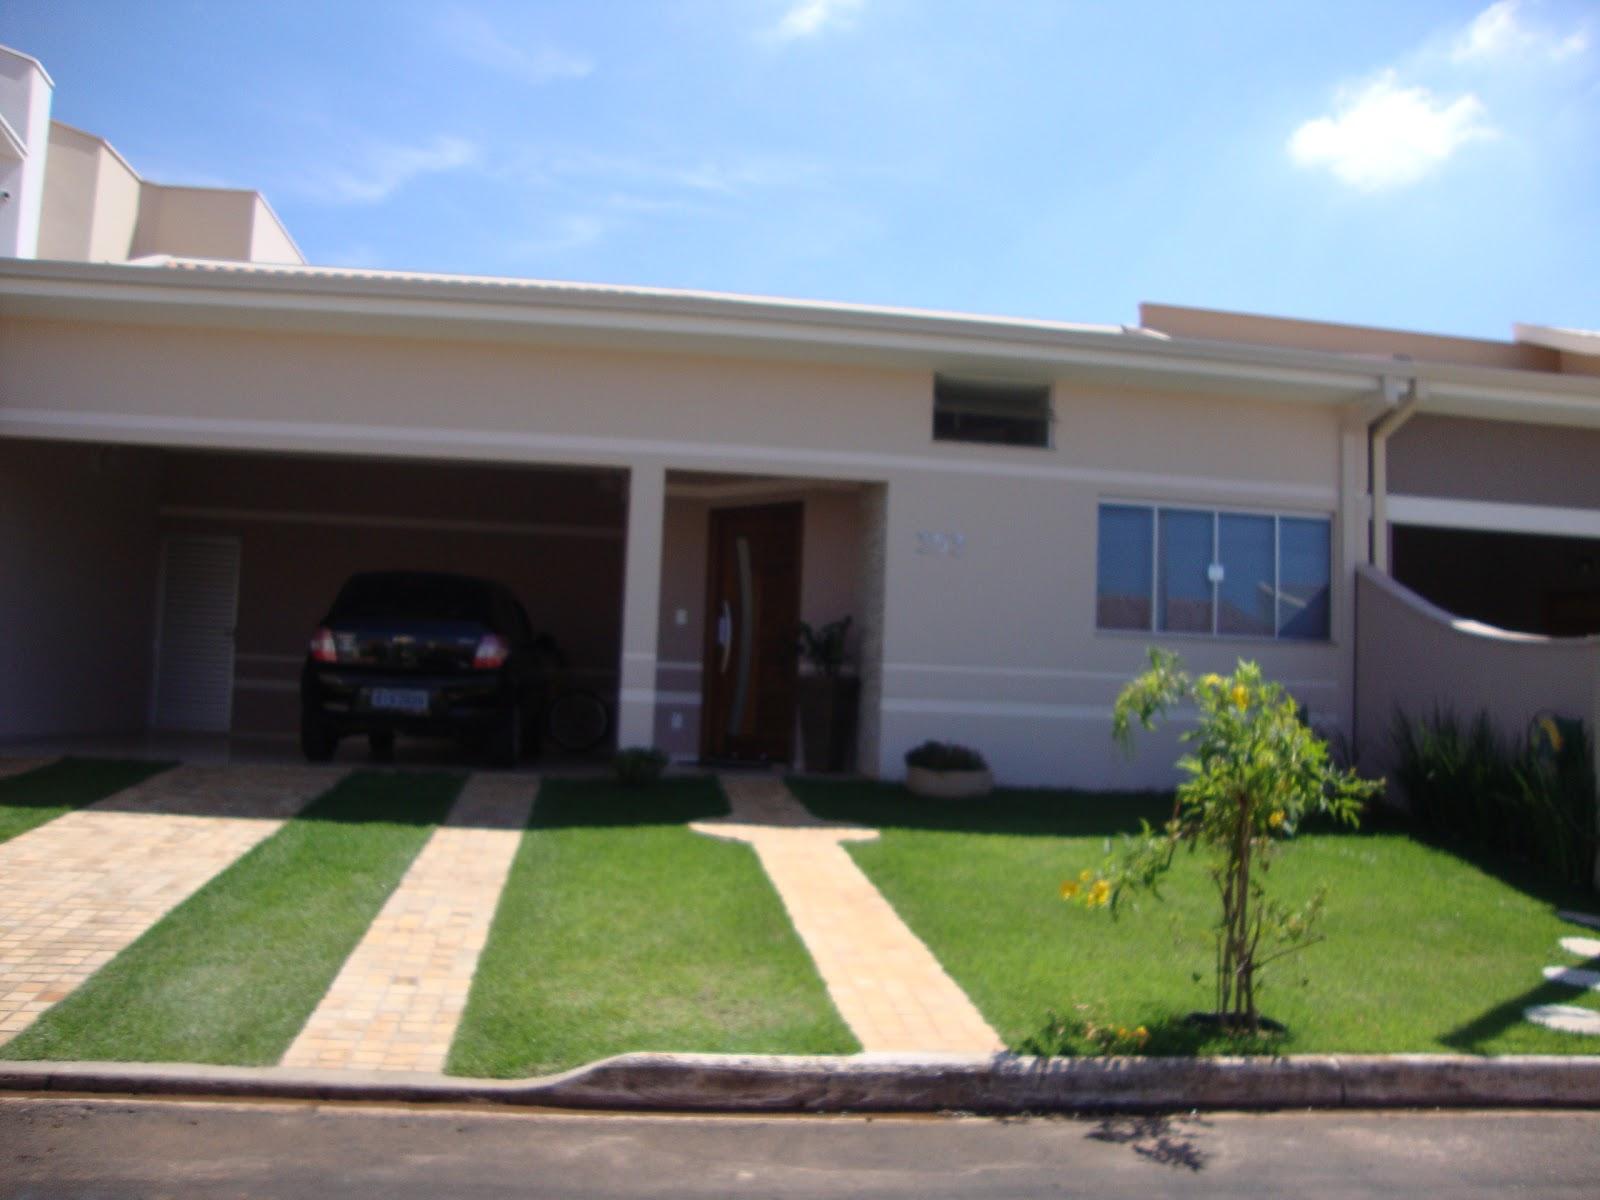 Fachadas casas bonitas mitula car interior design for Casas bonitas